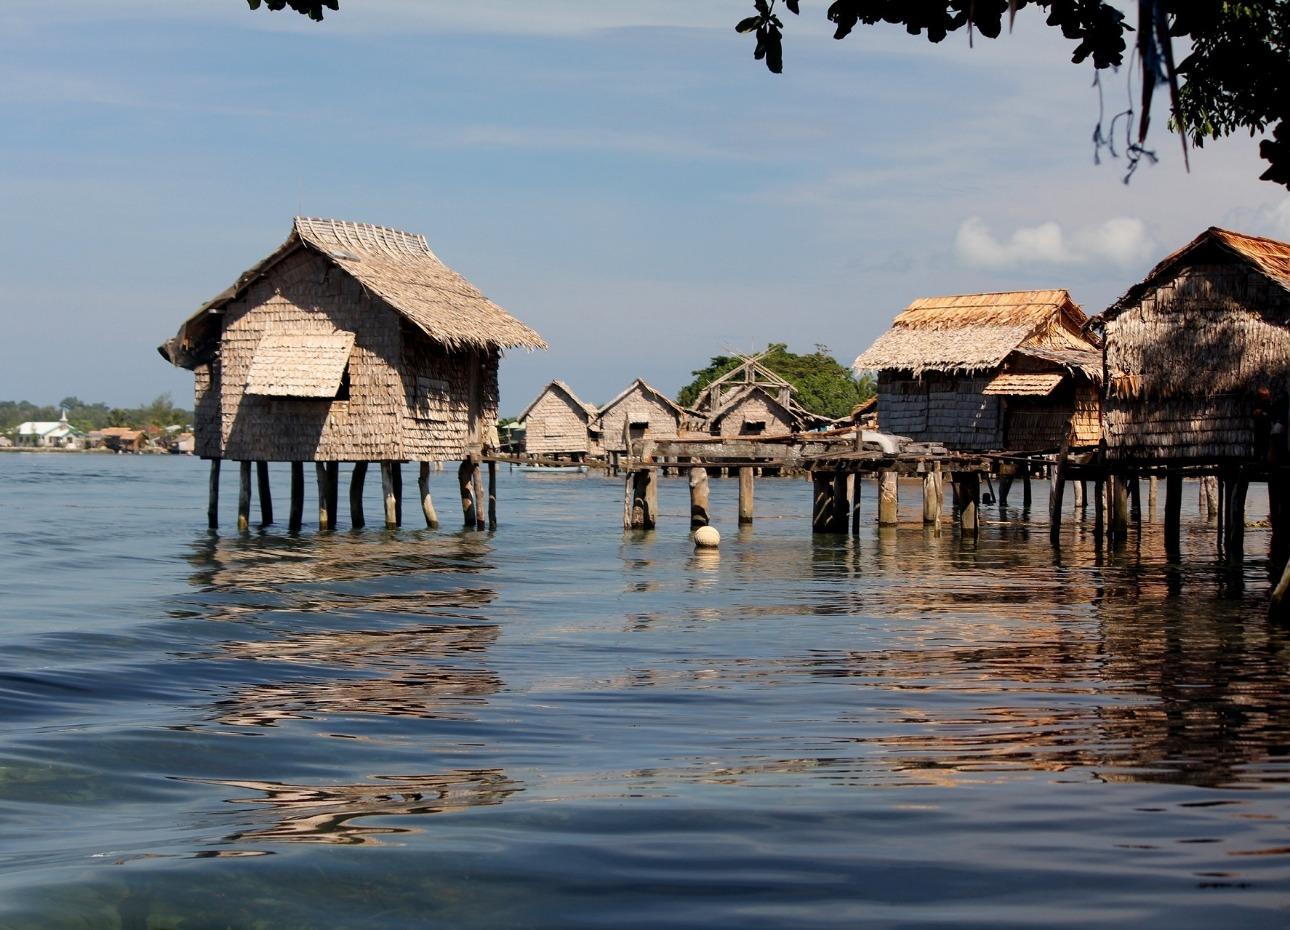 Solomon Islands, Stilt Houses, image